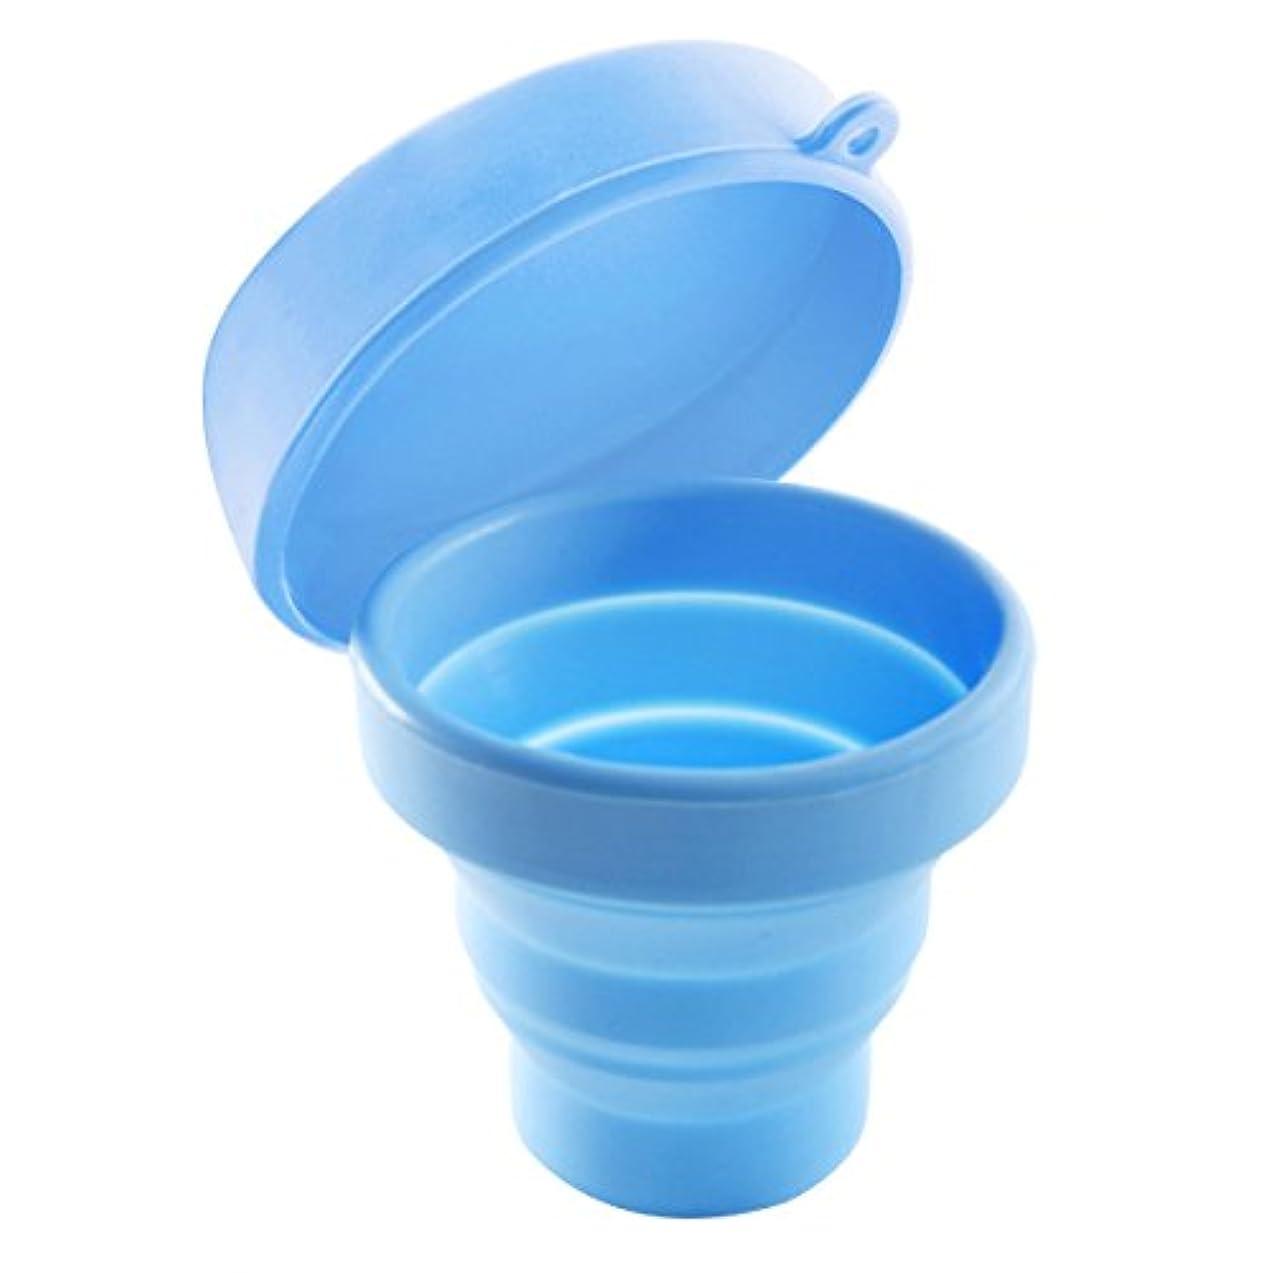 からかう脱獄からかうROSENICE 折りたたみ式カップ(蓋付き)ポータブルポップアップカップ(キャンプ用)ピクニックハイキングアウトドアアクティビティ(ブルー)